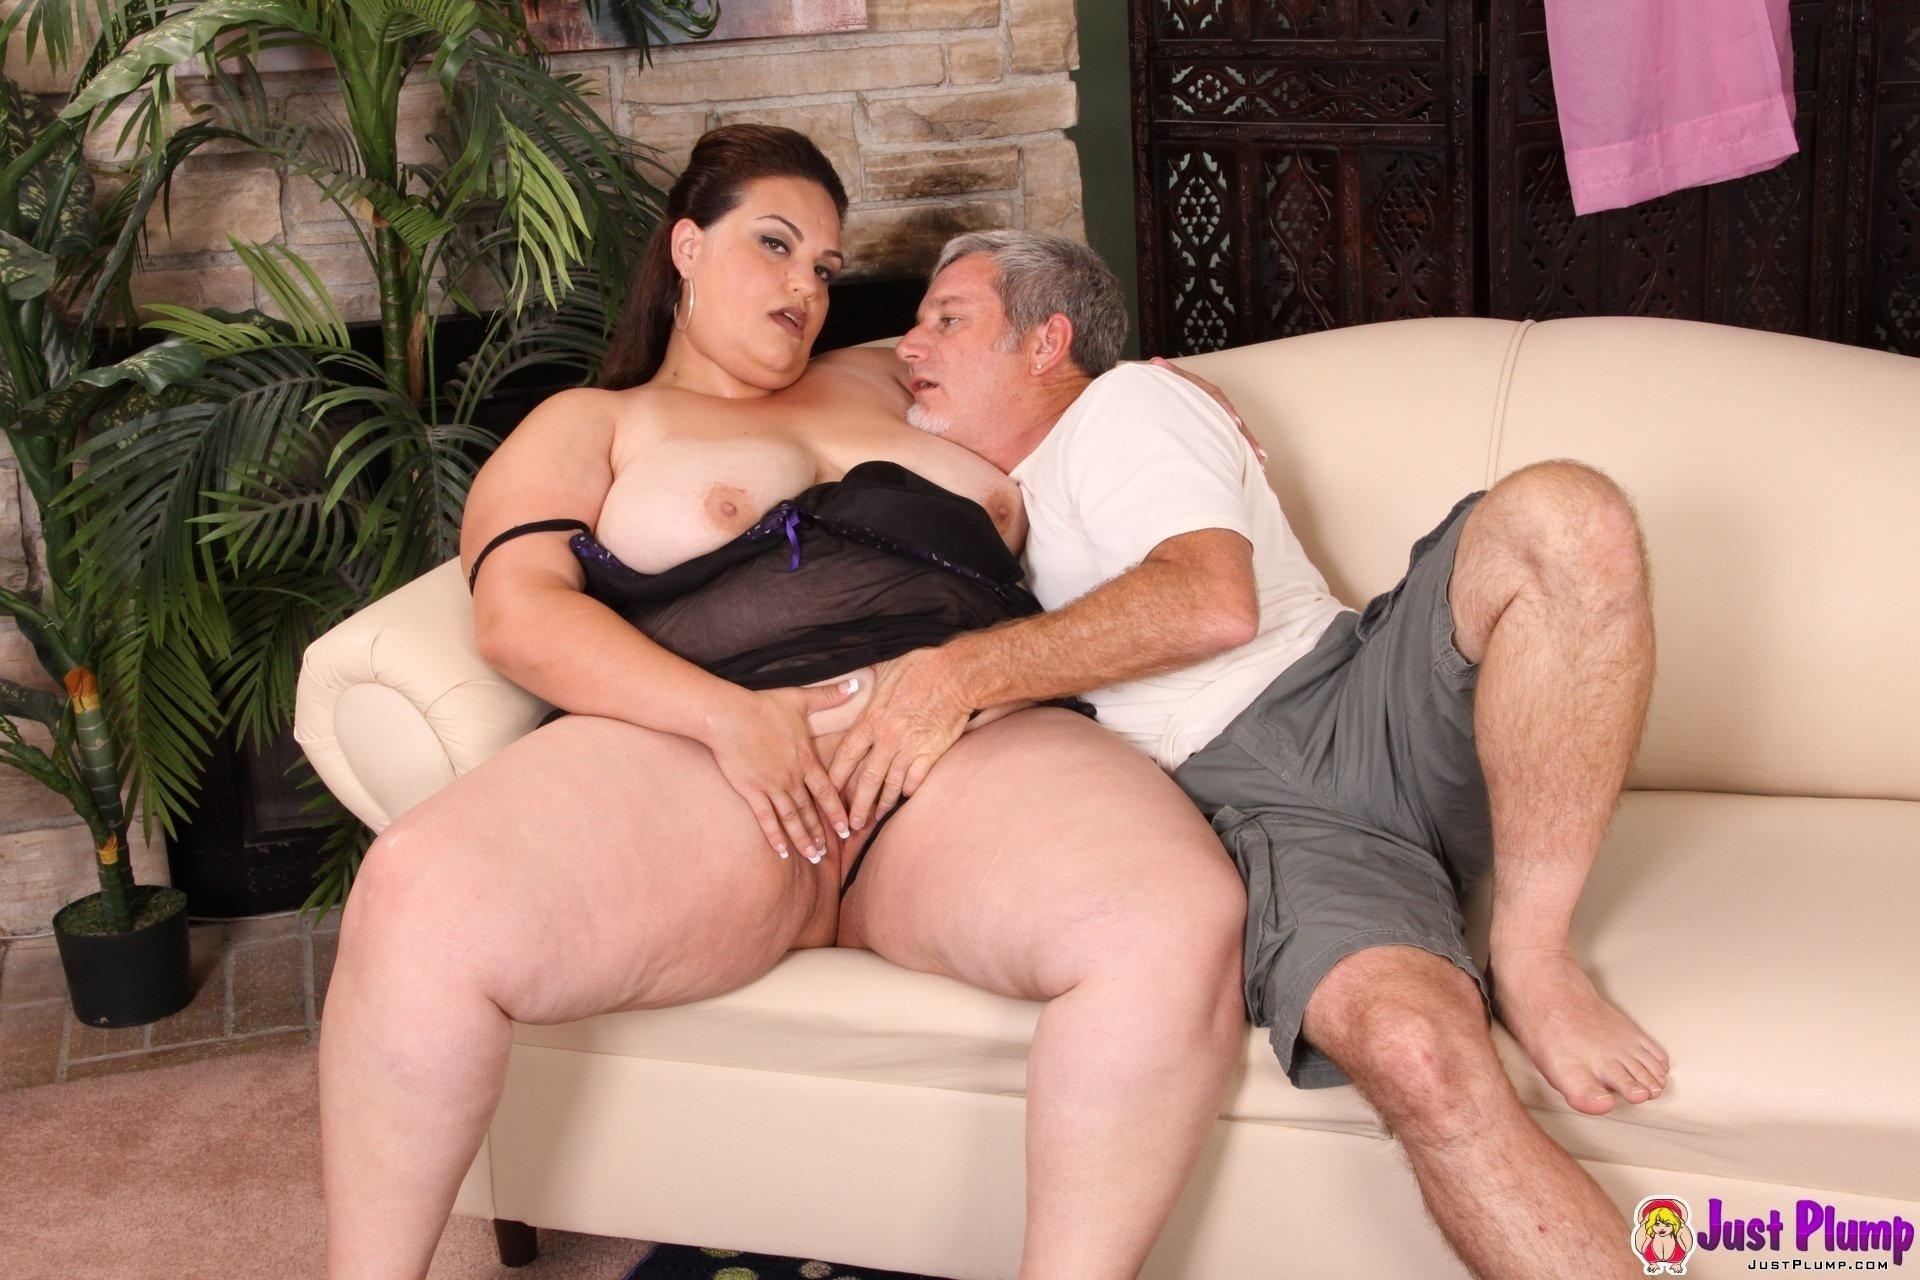 Секс с пожилым мужчиной - Фото галерея 1083261